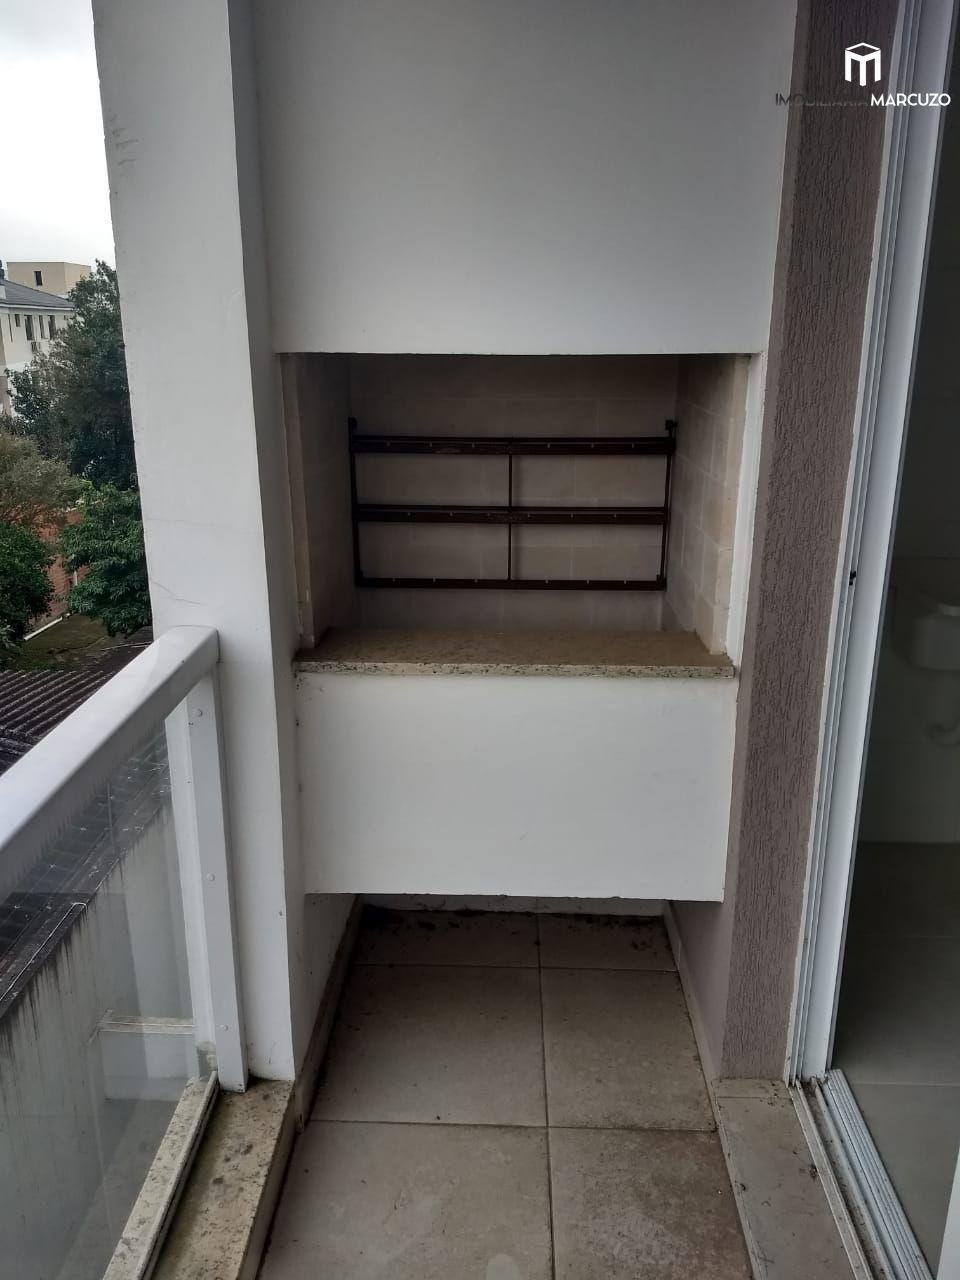 Apartamento com 2 Dormitórios à venda, 46 m² por R$ 250.000,00